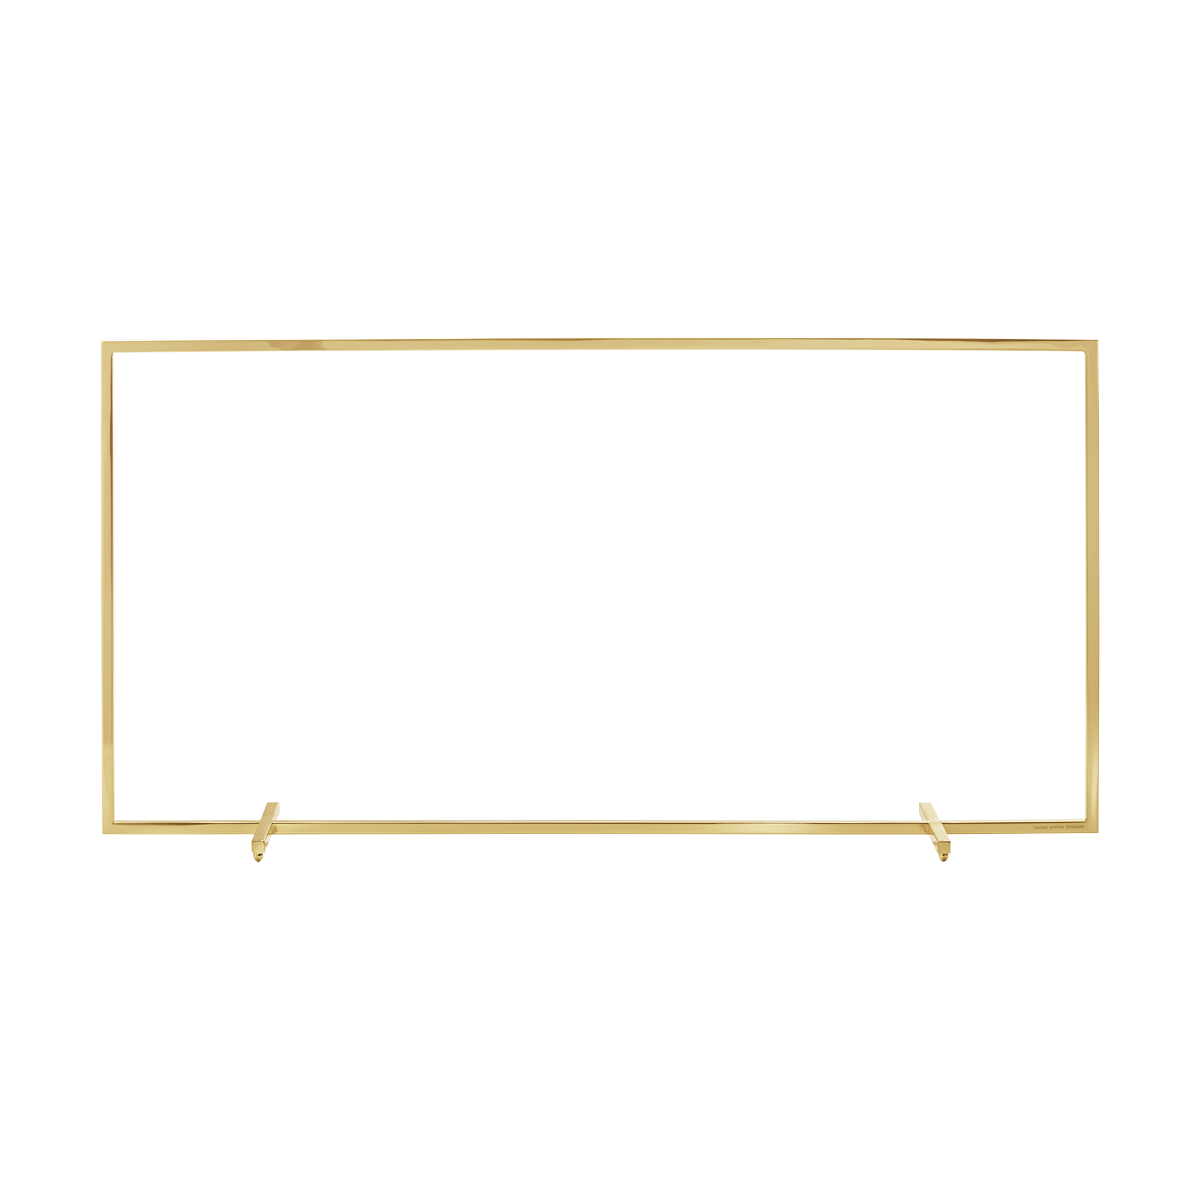 GEORG JENSEN Display til juledekorationer guld